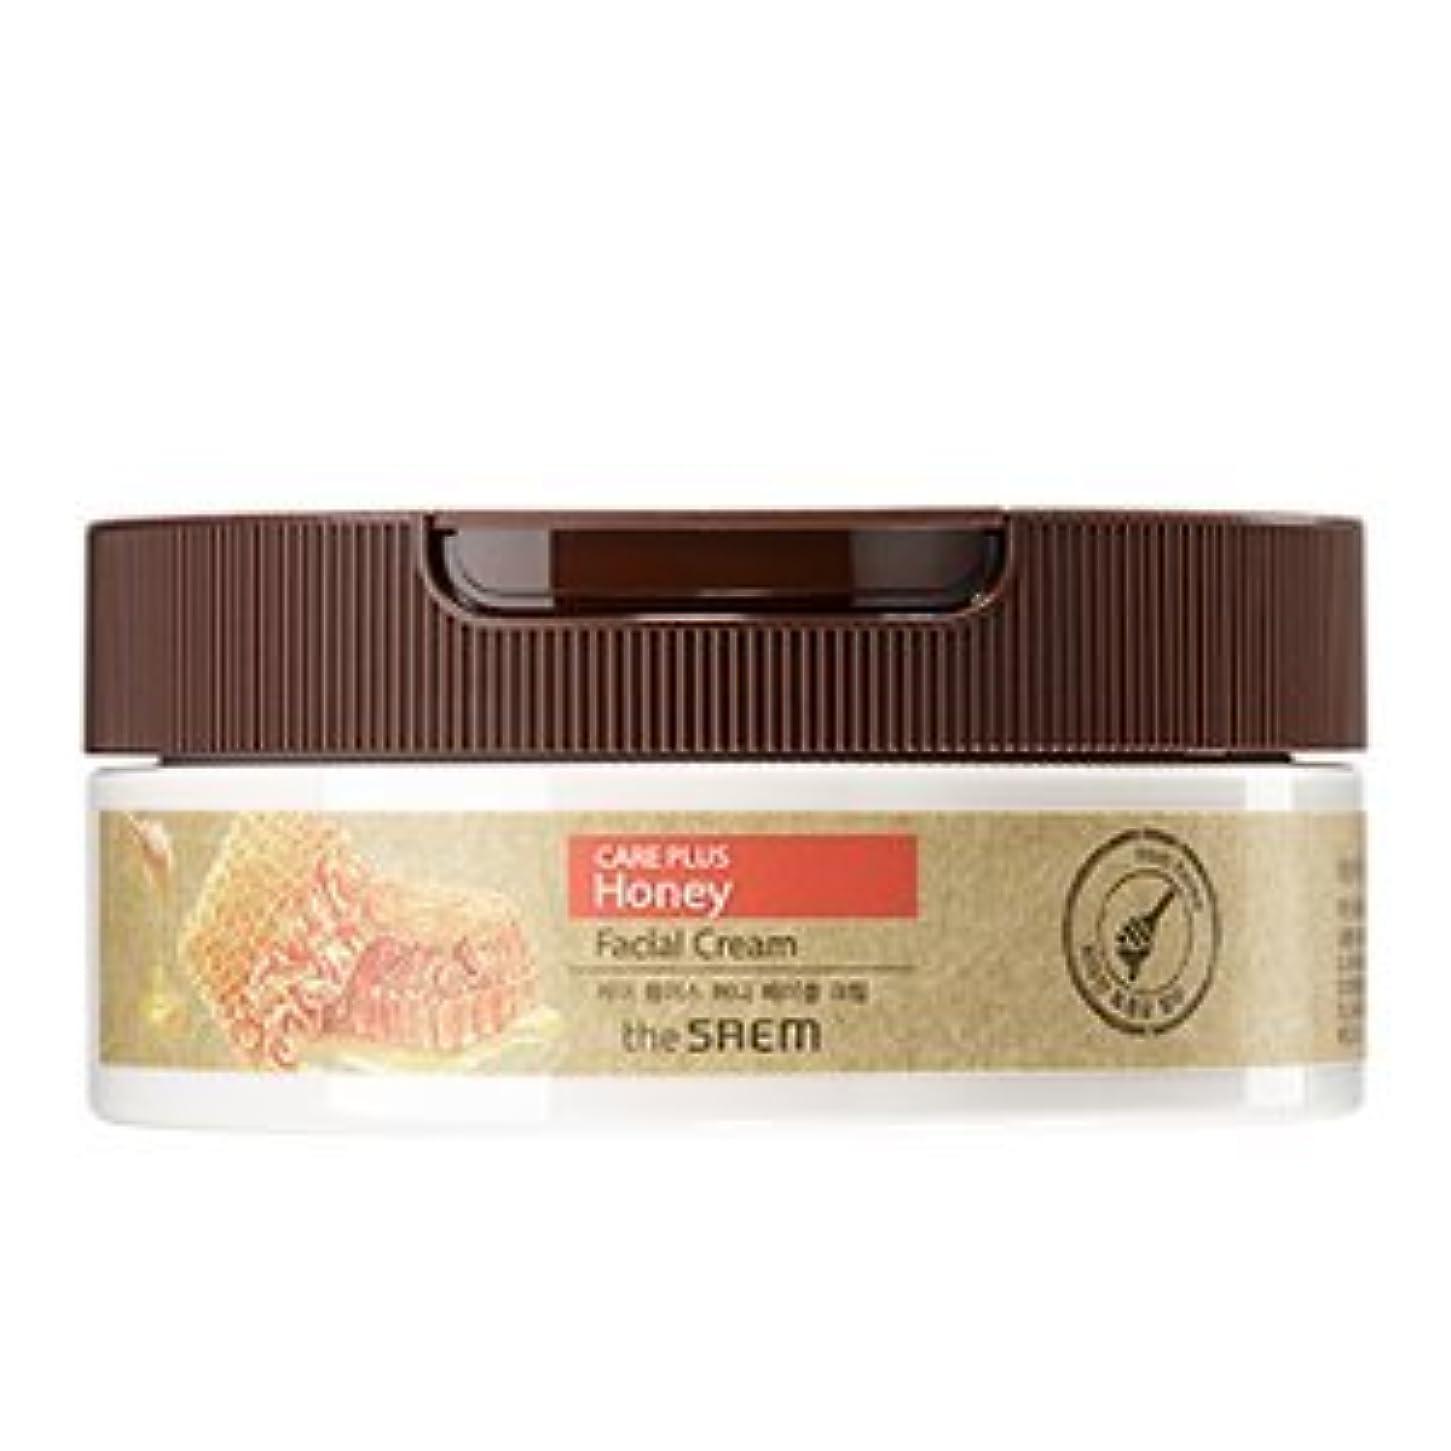 残高欠かせない磁石the SAEM Care Plus Honey Facial Cream 200ml/ザセム ケア プラス ハニー フェイシャル クリーム 200ml [並行輸入品]